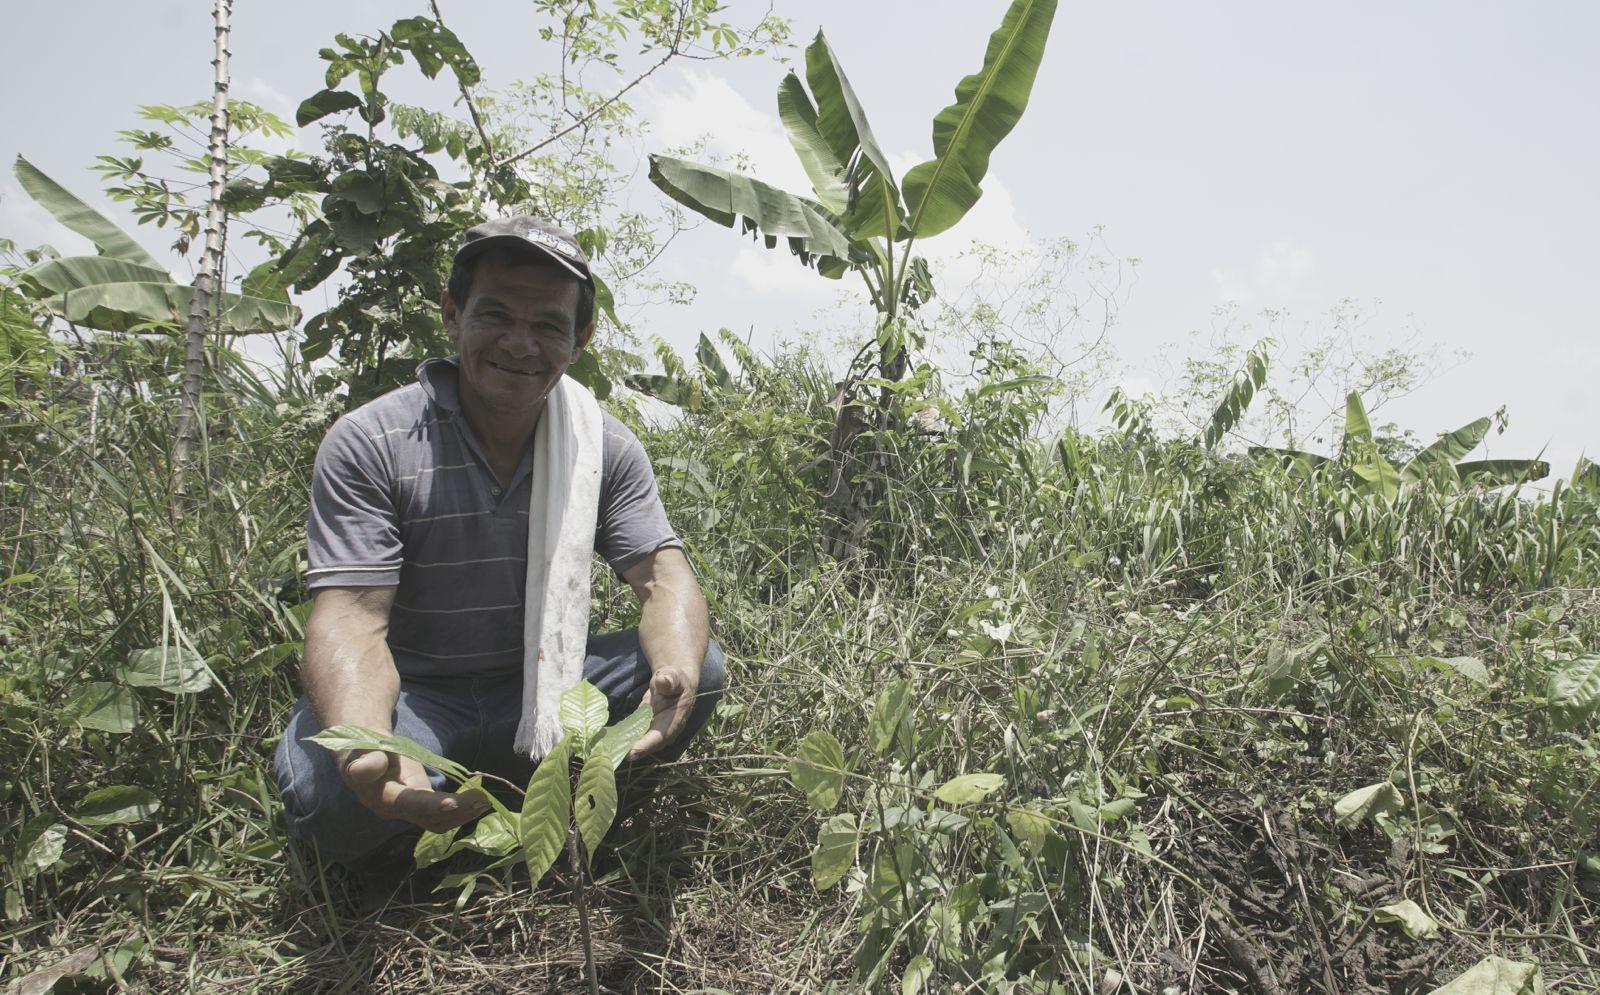 Energización rural, una apuesta al desarrollo sostenible de la amazonia colombiana